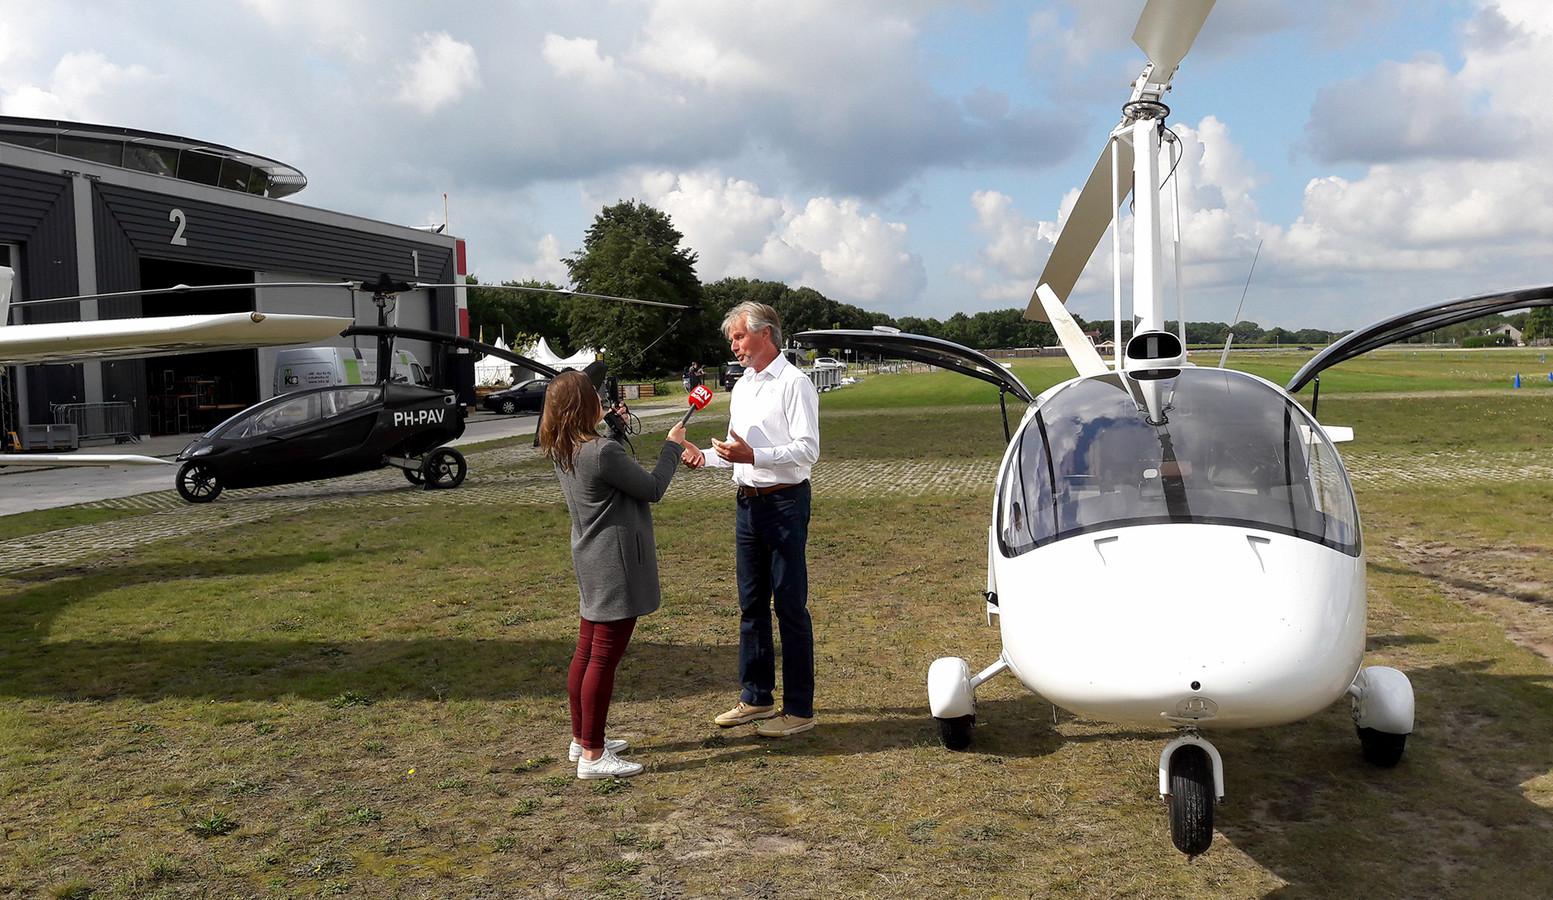 Verslaggeefster Saminna van den Bulk met directeur George Tielens bij een gyrocopter.